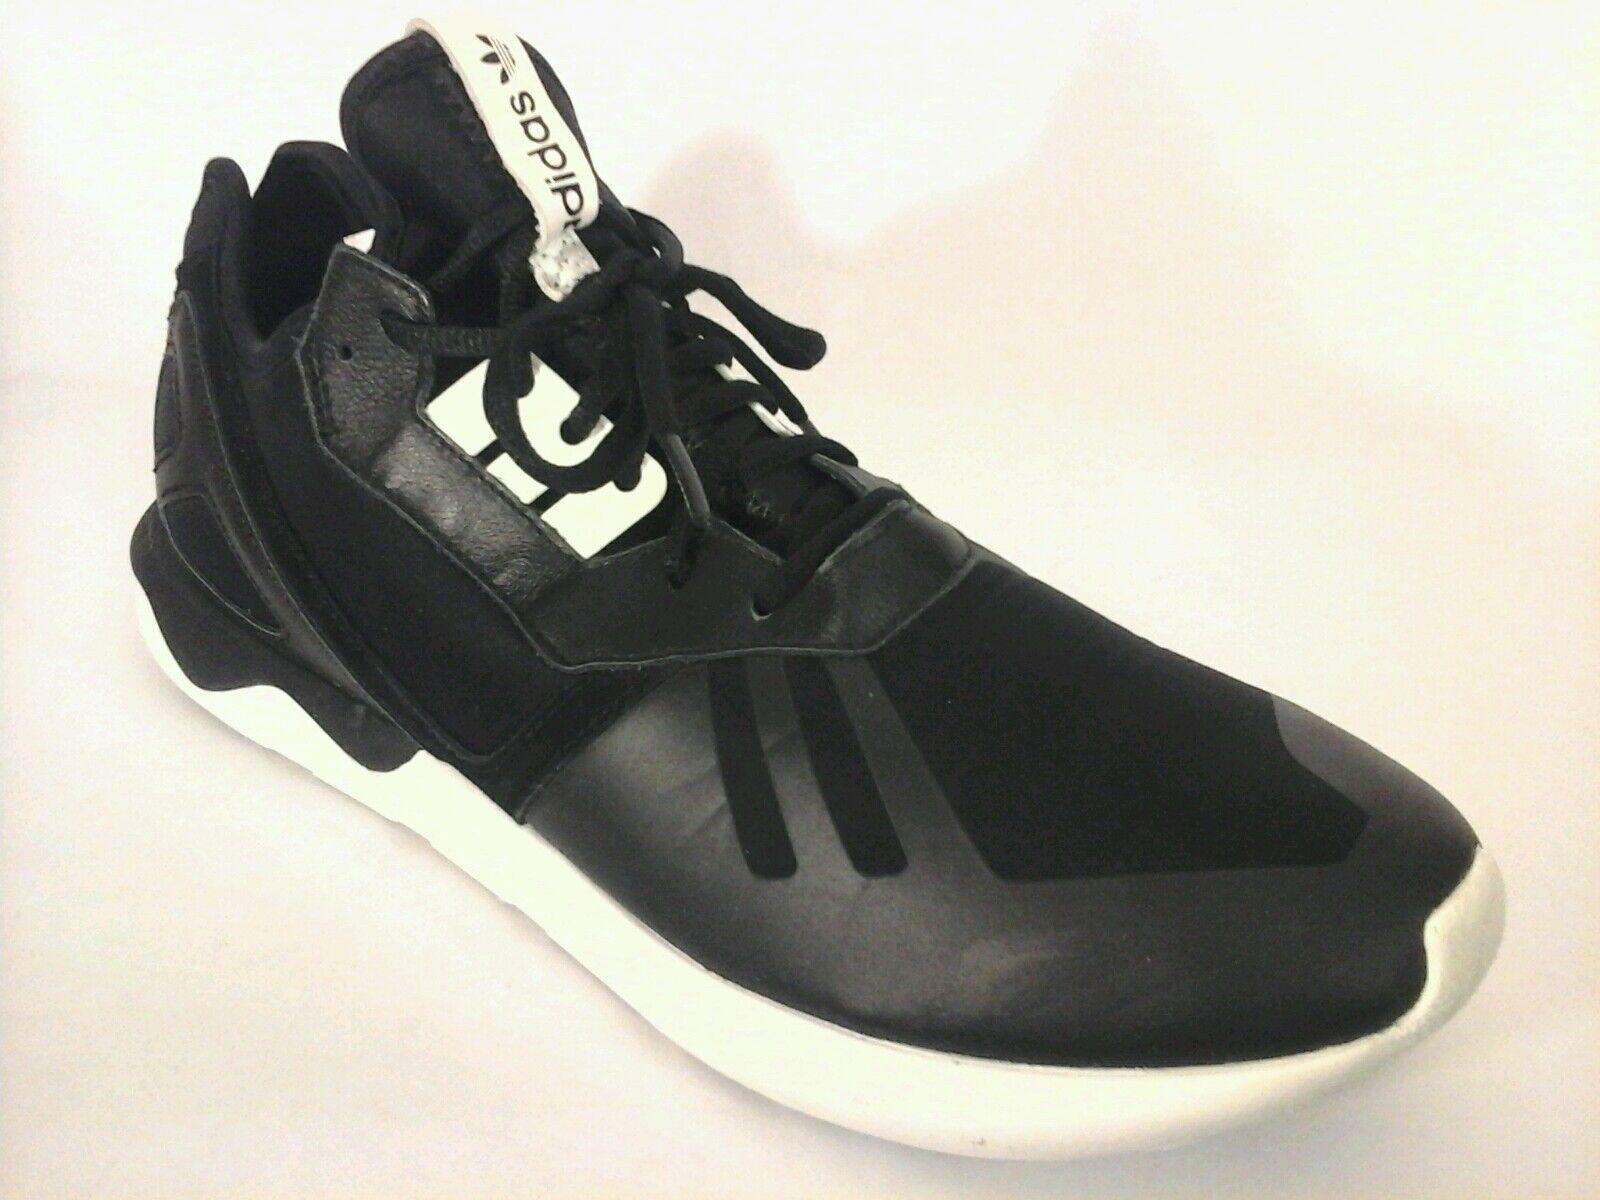 adidas oben schuhe tubuläre läufer schwarz hoch oben adidas turnschuhe männer uns 13. 9baf9e